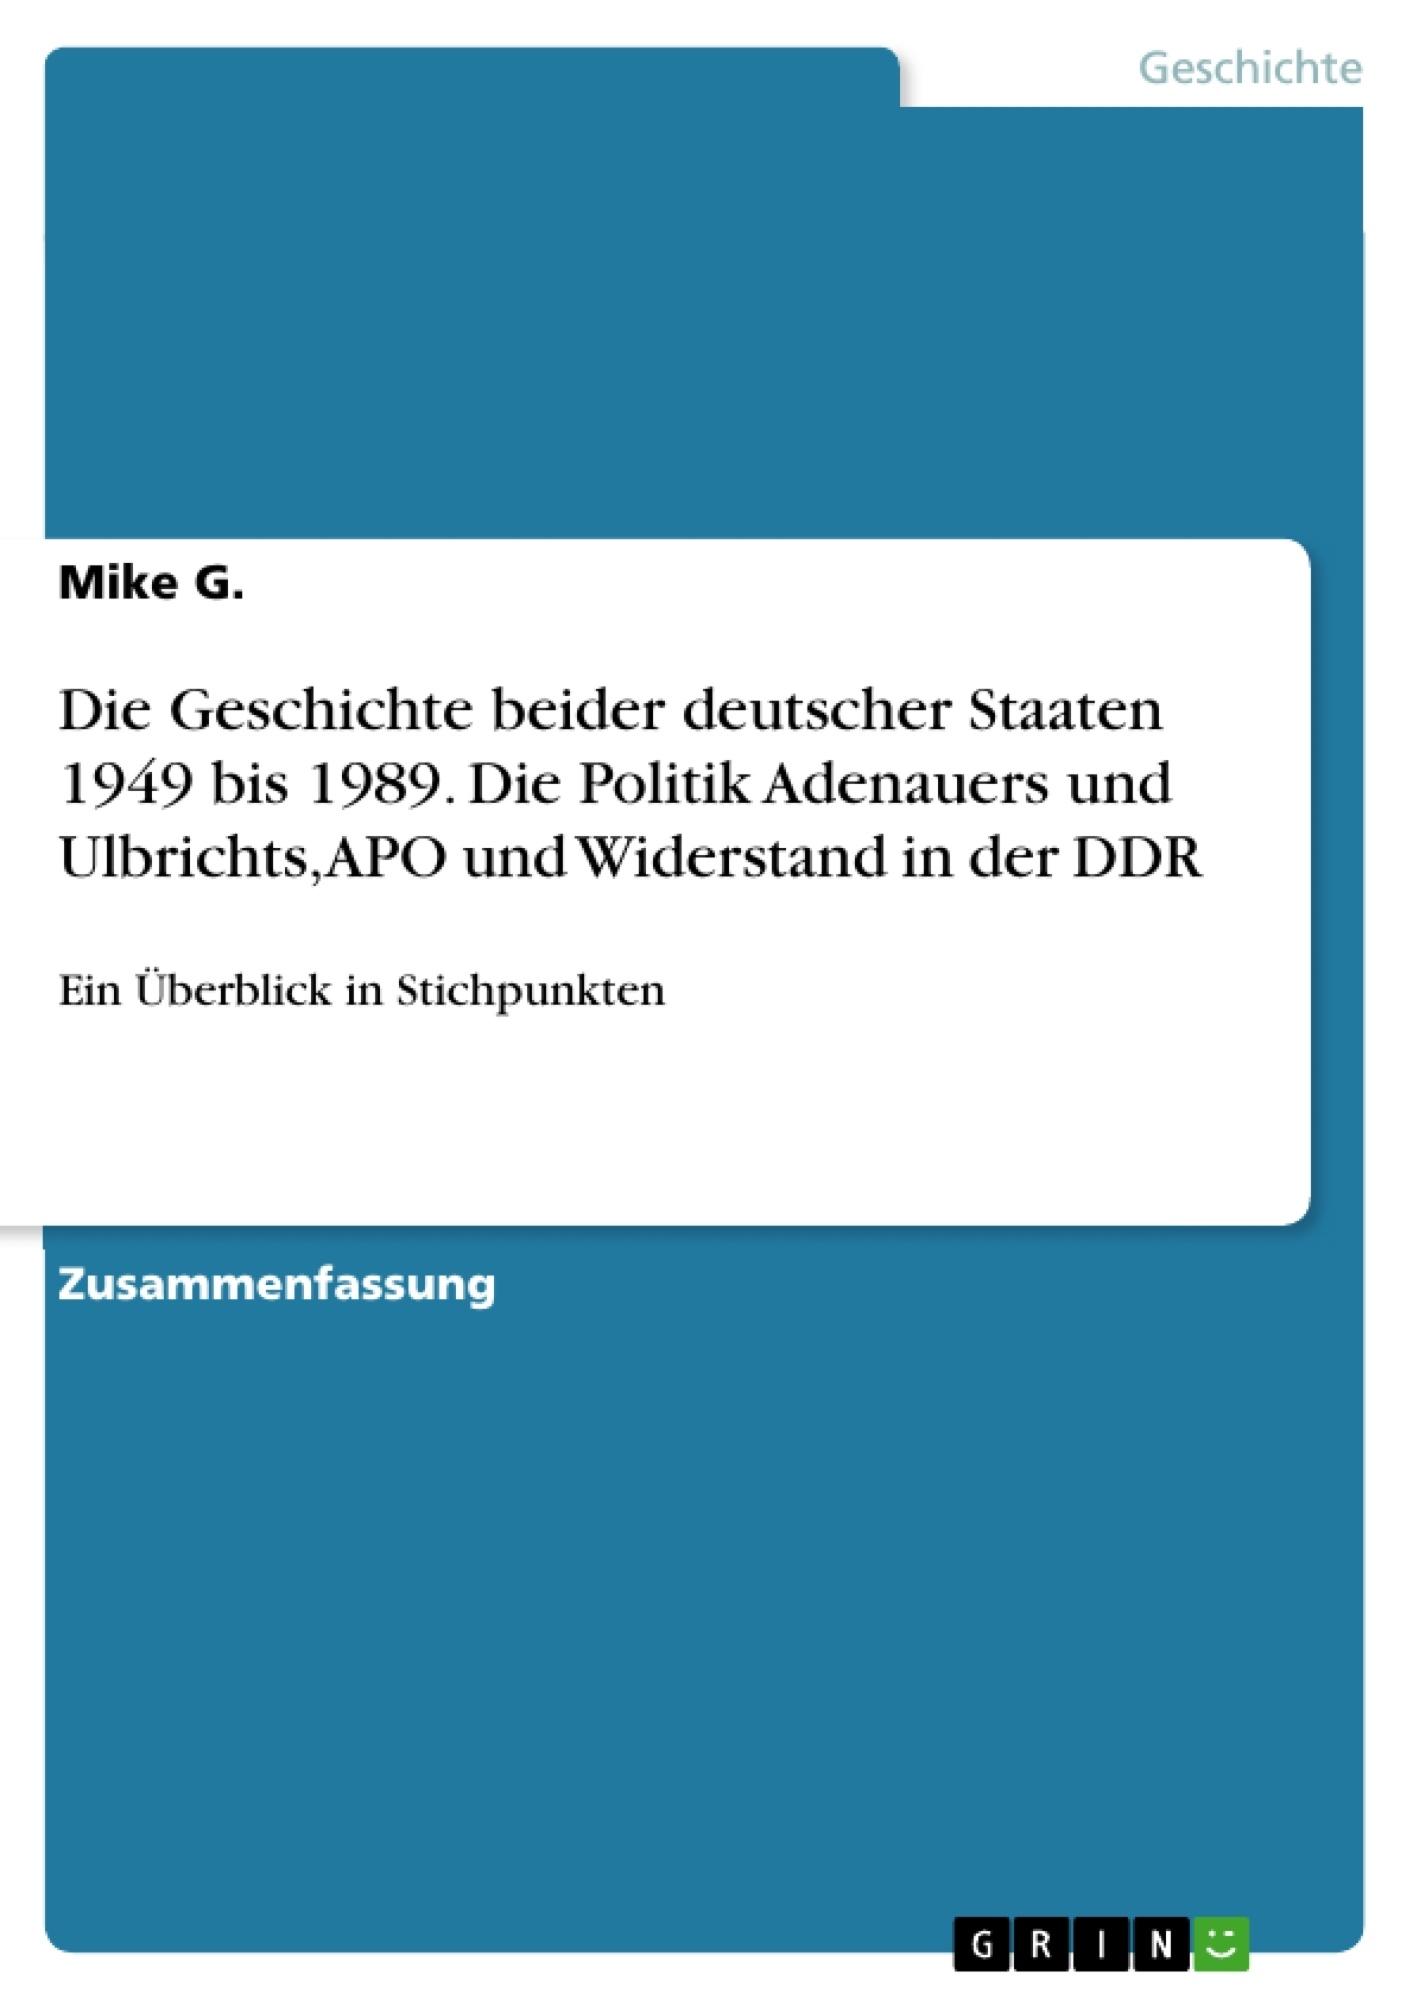 Titel: Die Geschichte beider deutscher Staaten 1949 bis 1989. Die Politik Adenauers und Ulbrichts, APO und Widerstand in der DDR